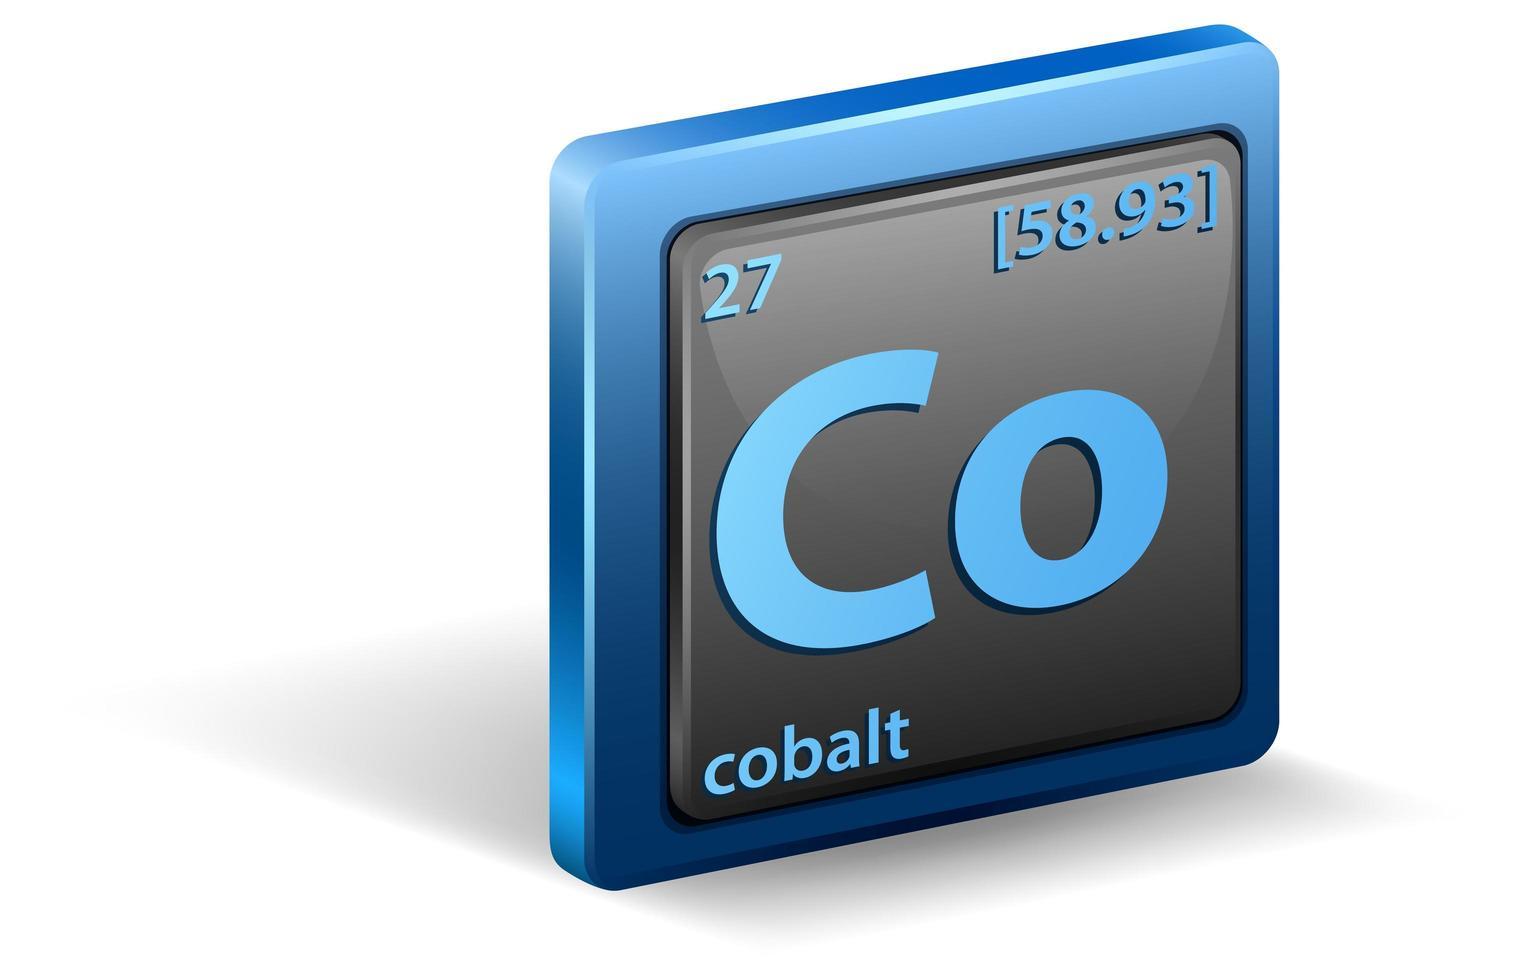 elemento chimico cobalto. simbolo chimico con numero atomico e massa atomica. vettore